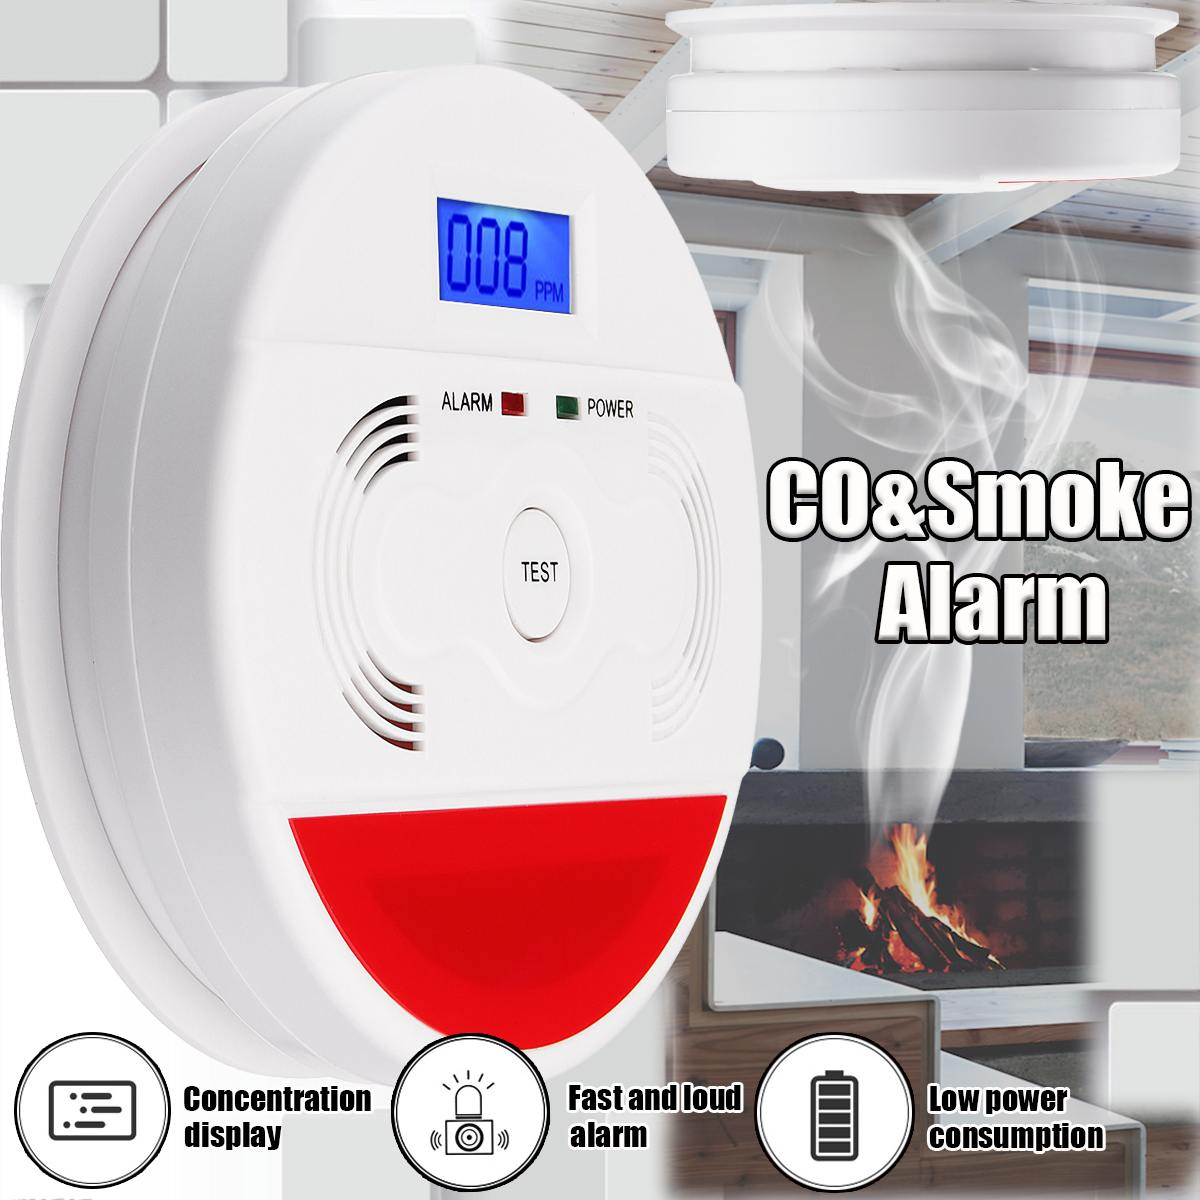 85dB Display LED Smoke & Detectores De Monóxido De Carbono Home Segurança Segurança CO Envenenamento Sensor de Gás Detector De Alarme De Advertência